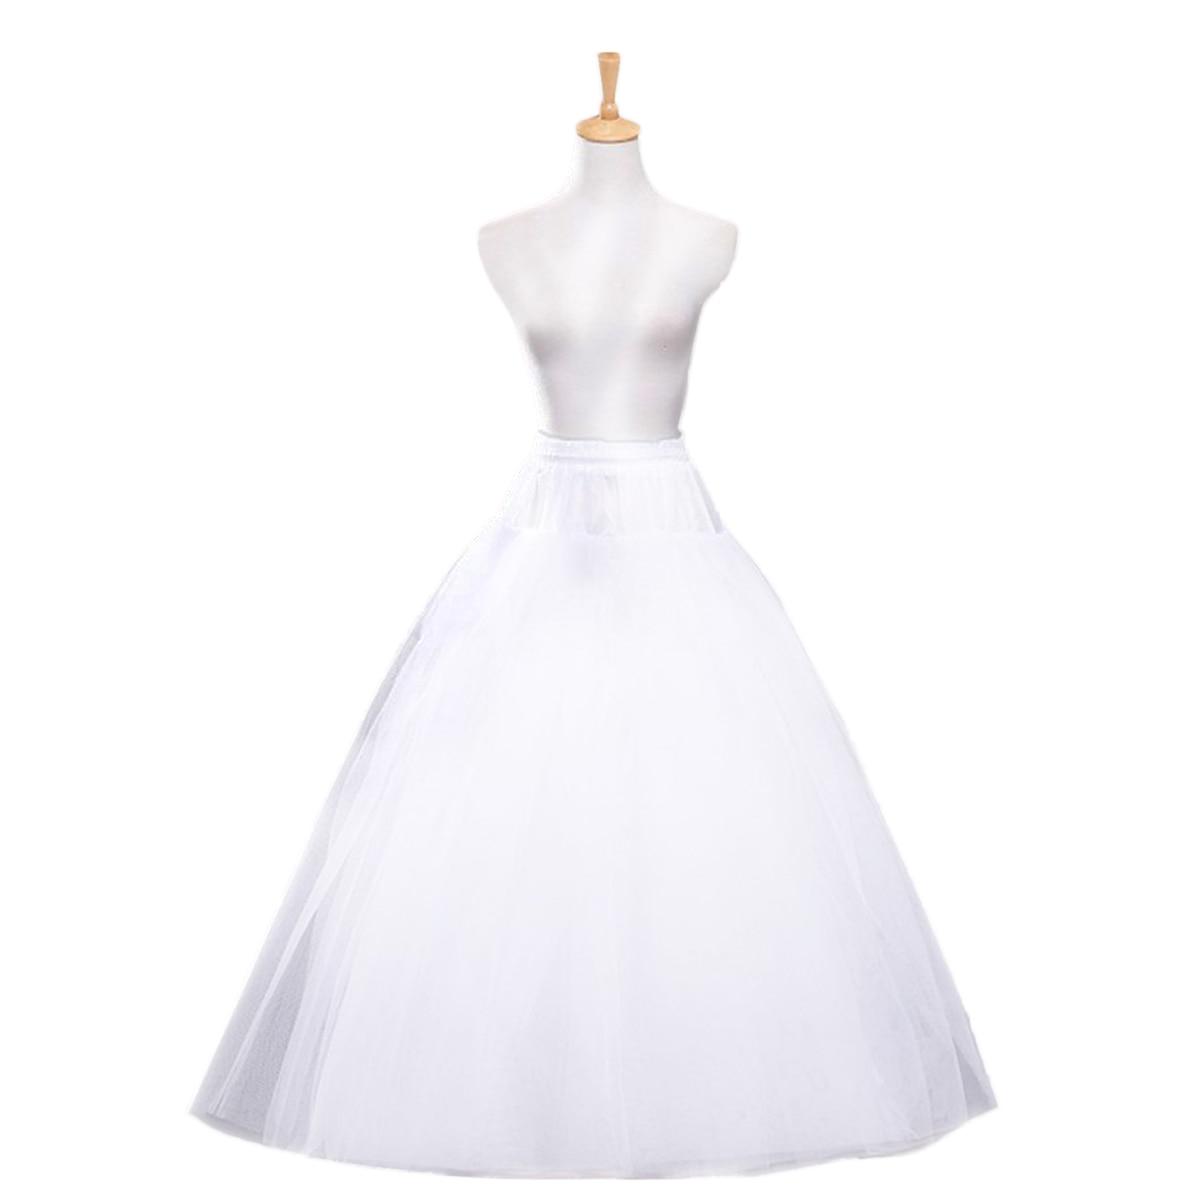 1 Stück Petticoat Ohne Knochen Vier-schicht Hochzeit Flauschigen Gaze Gaze Braut Krinoline Unterröcke Für Mädchen Frauen HüBsch Und Bunt